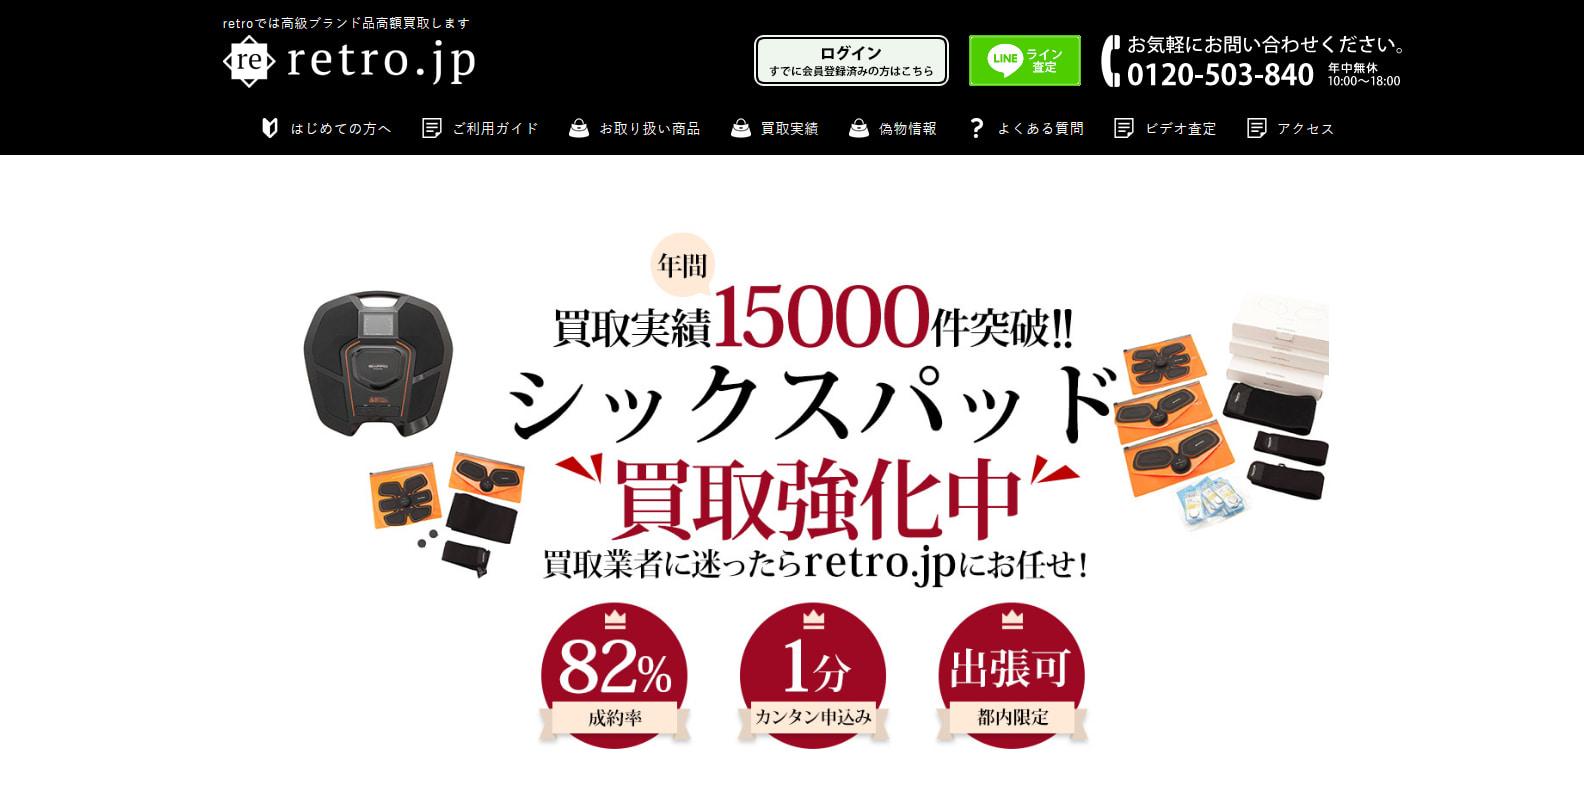 シックスパッド買取おすすめ店retro.jp